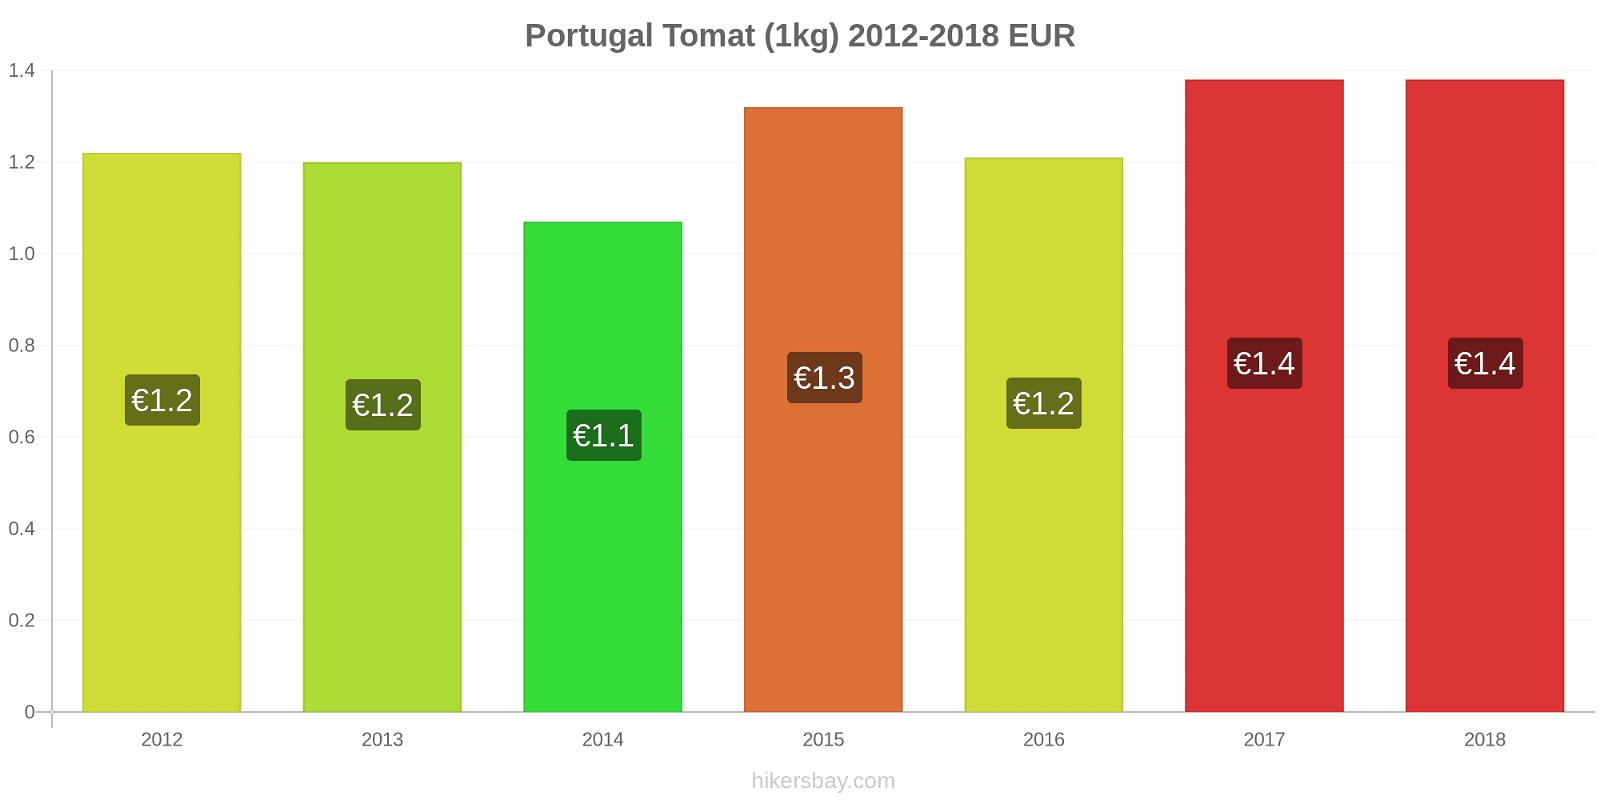 Portugal prisendringer Tomat (1kg) hikersbay.com